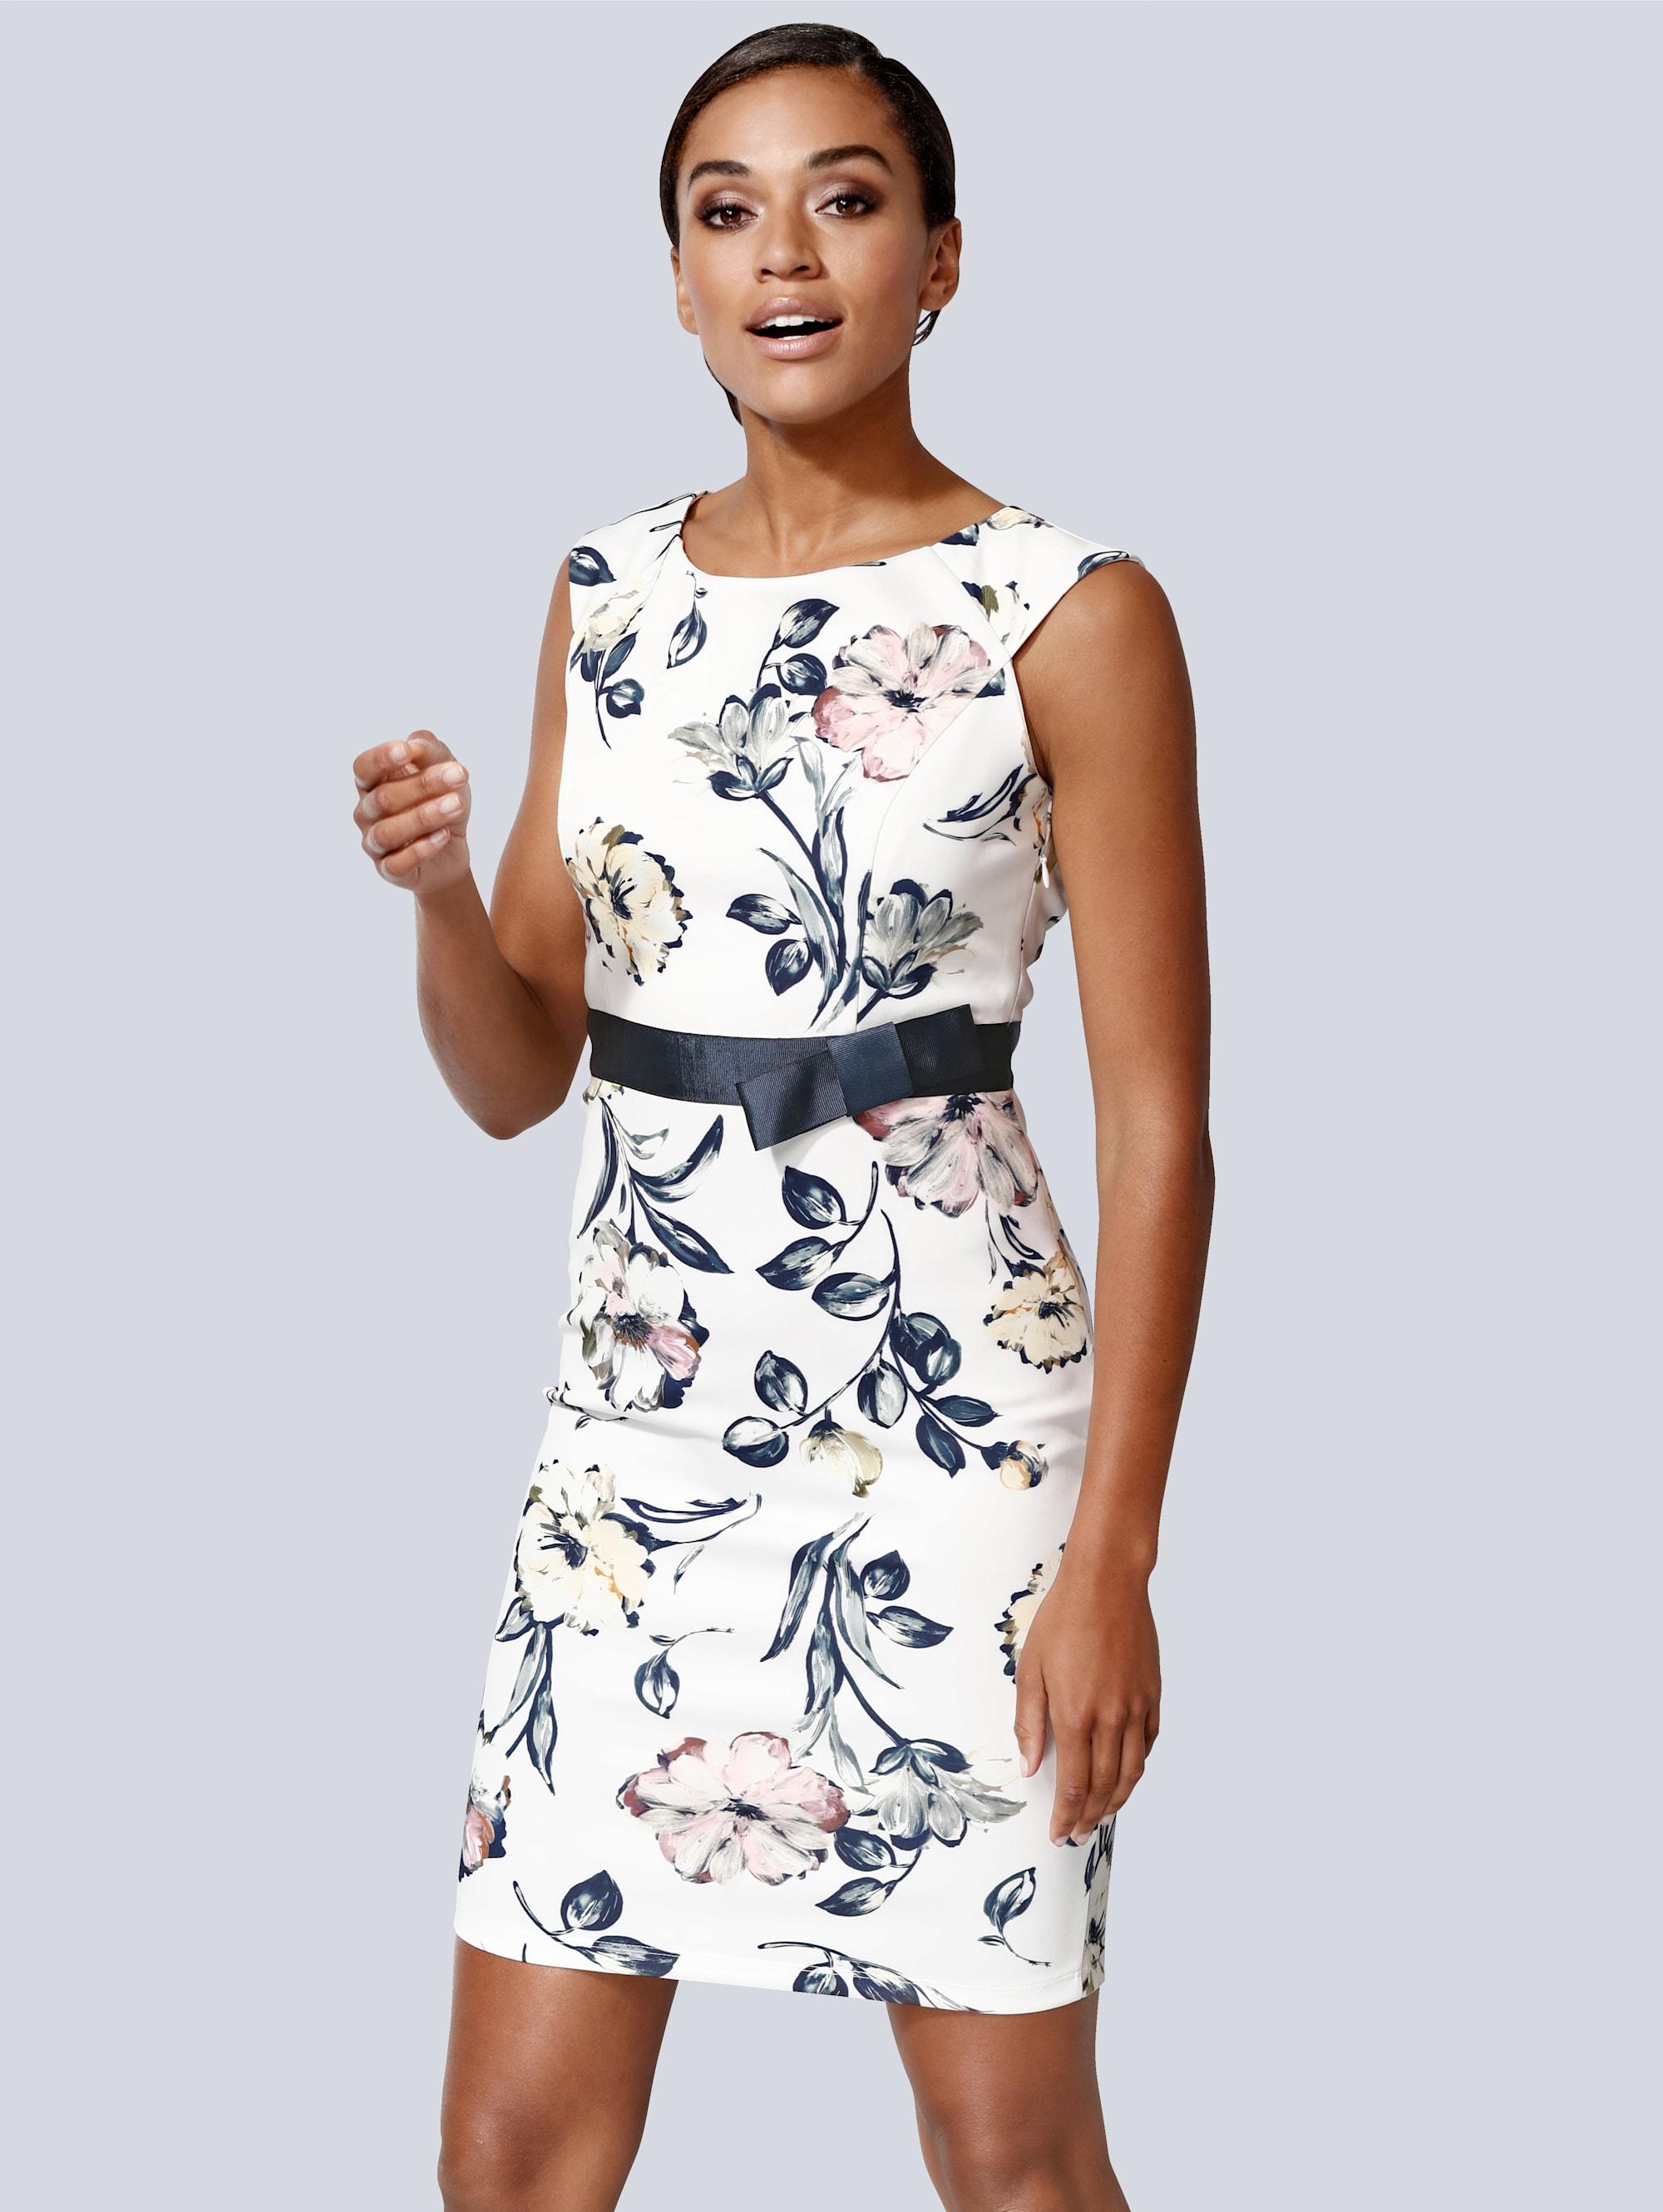 weiss-elasthan sonstige kleider für damen online kaufen